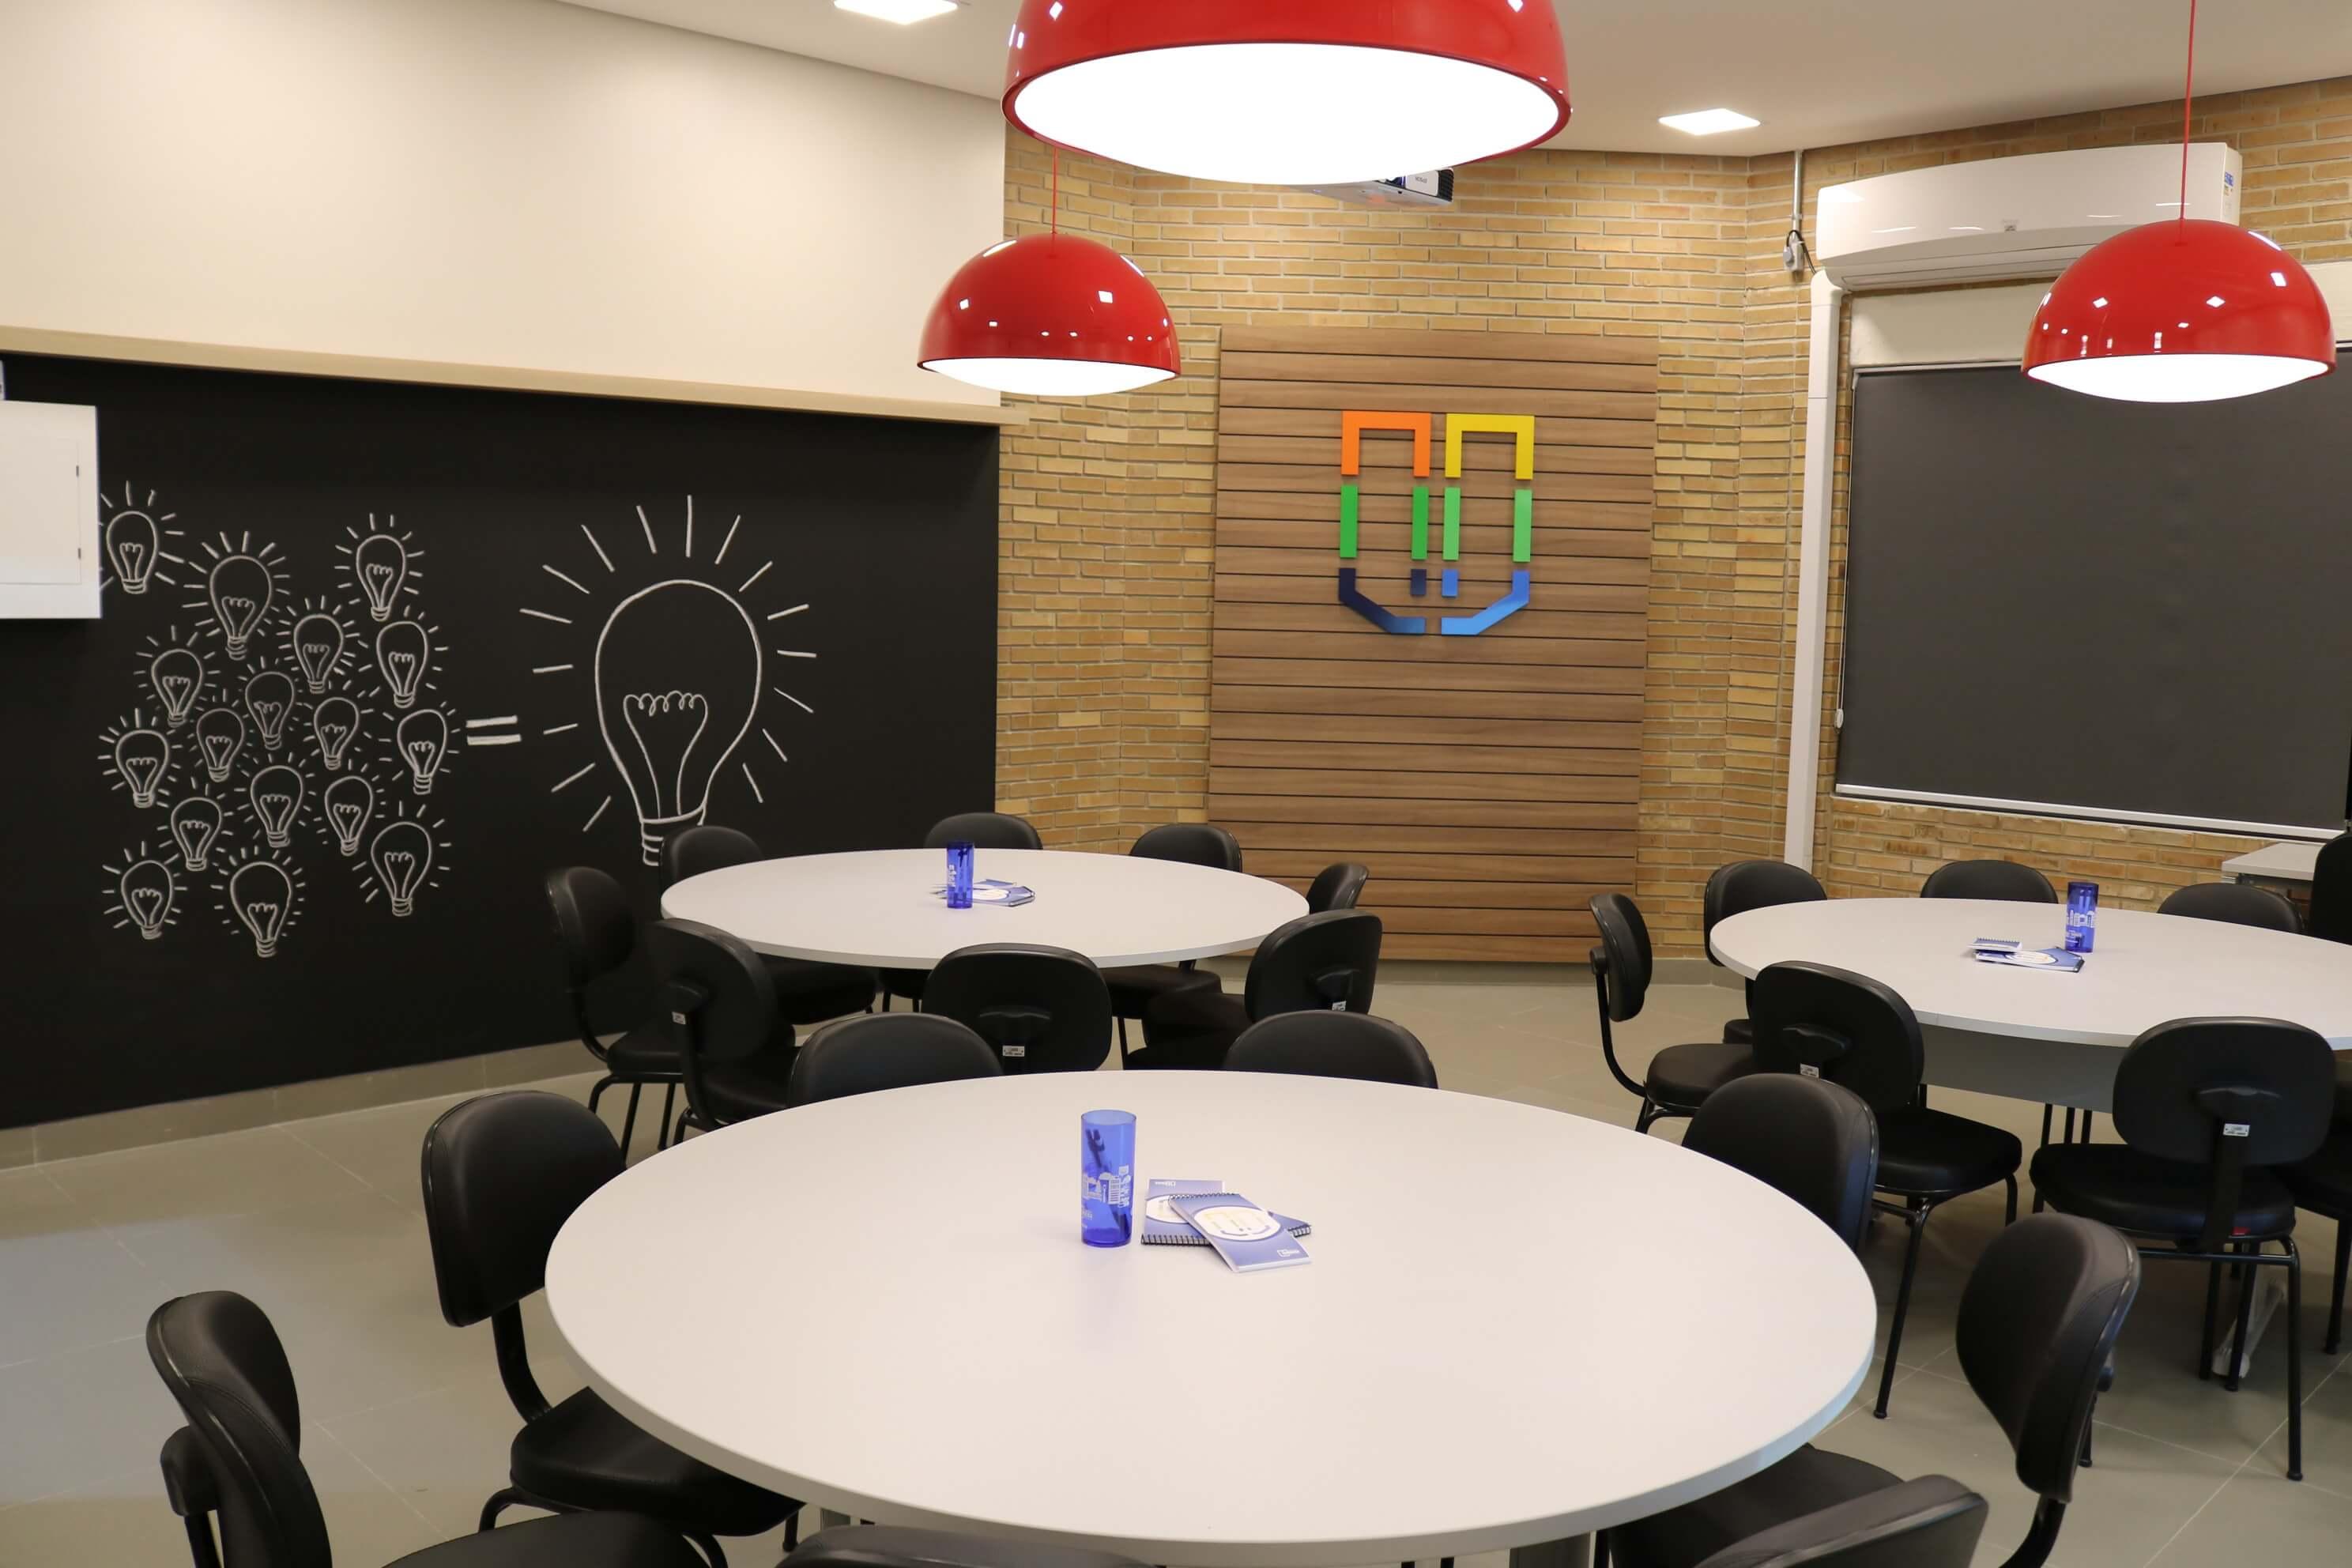 Nova sede do Ciemsul no Parque Tecnológico, mesas para grupos e ao fundo parede com o logo da Universidade.